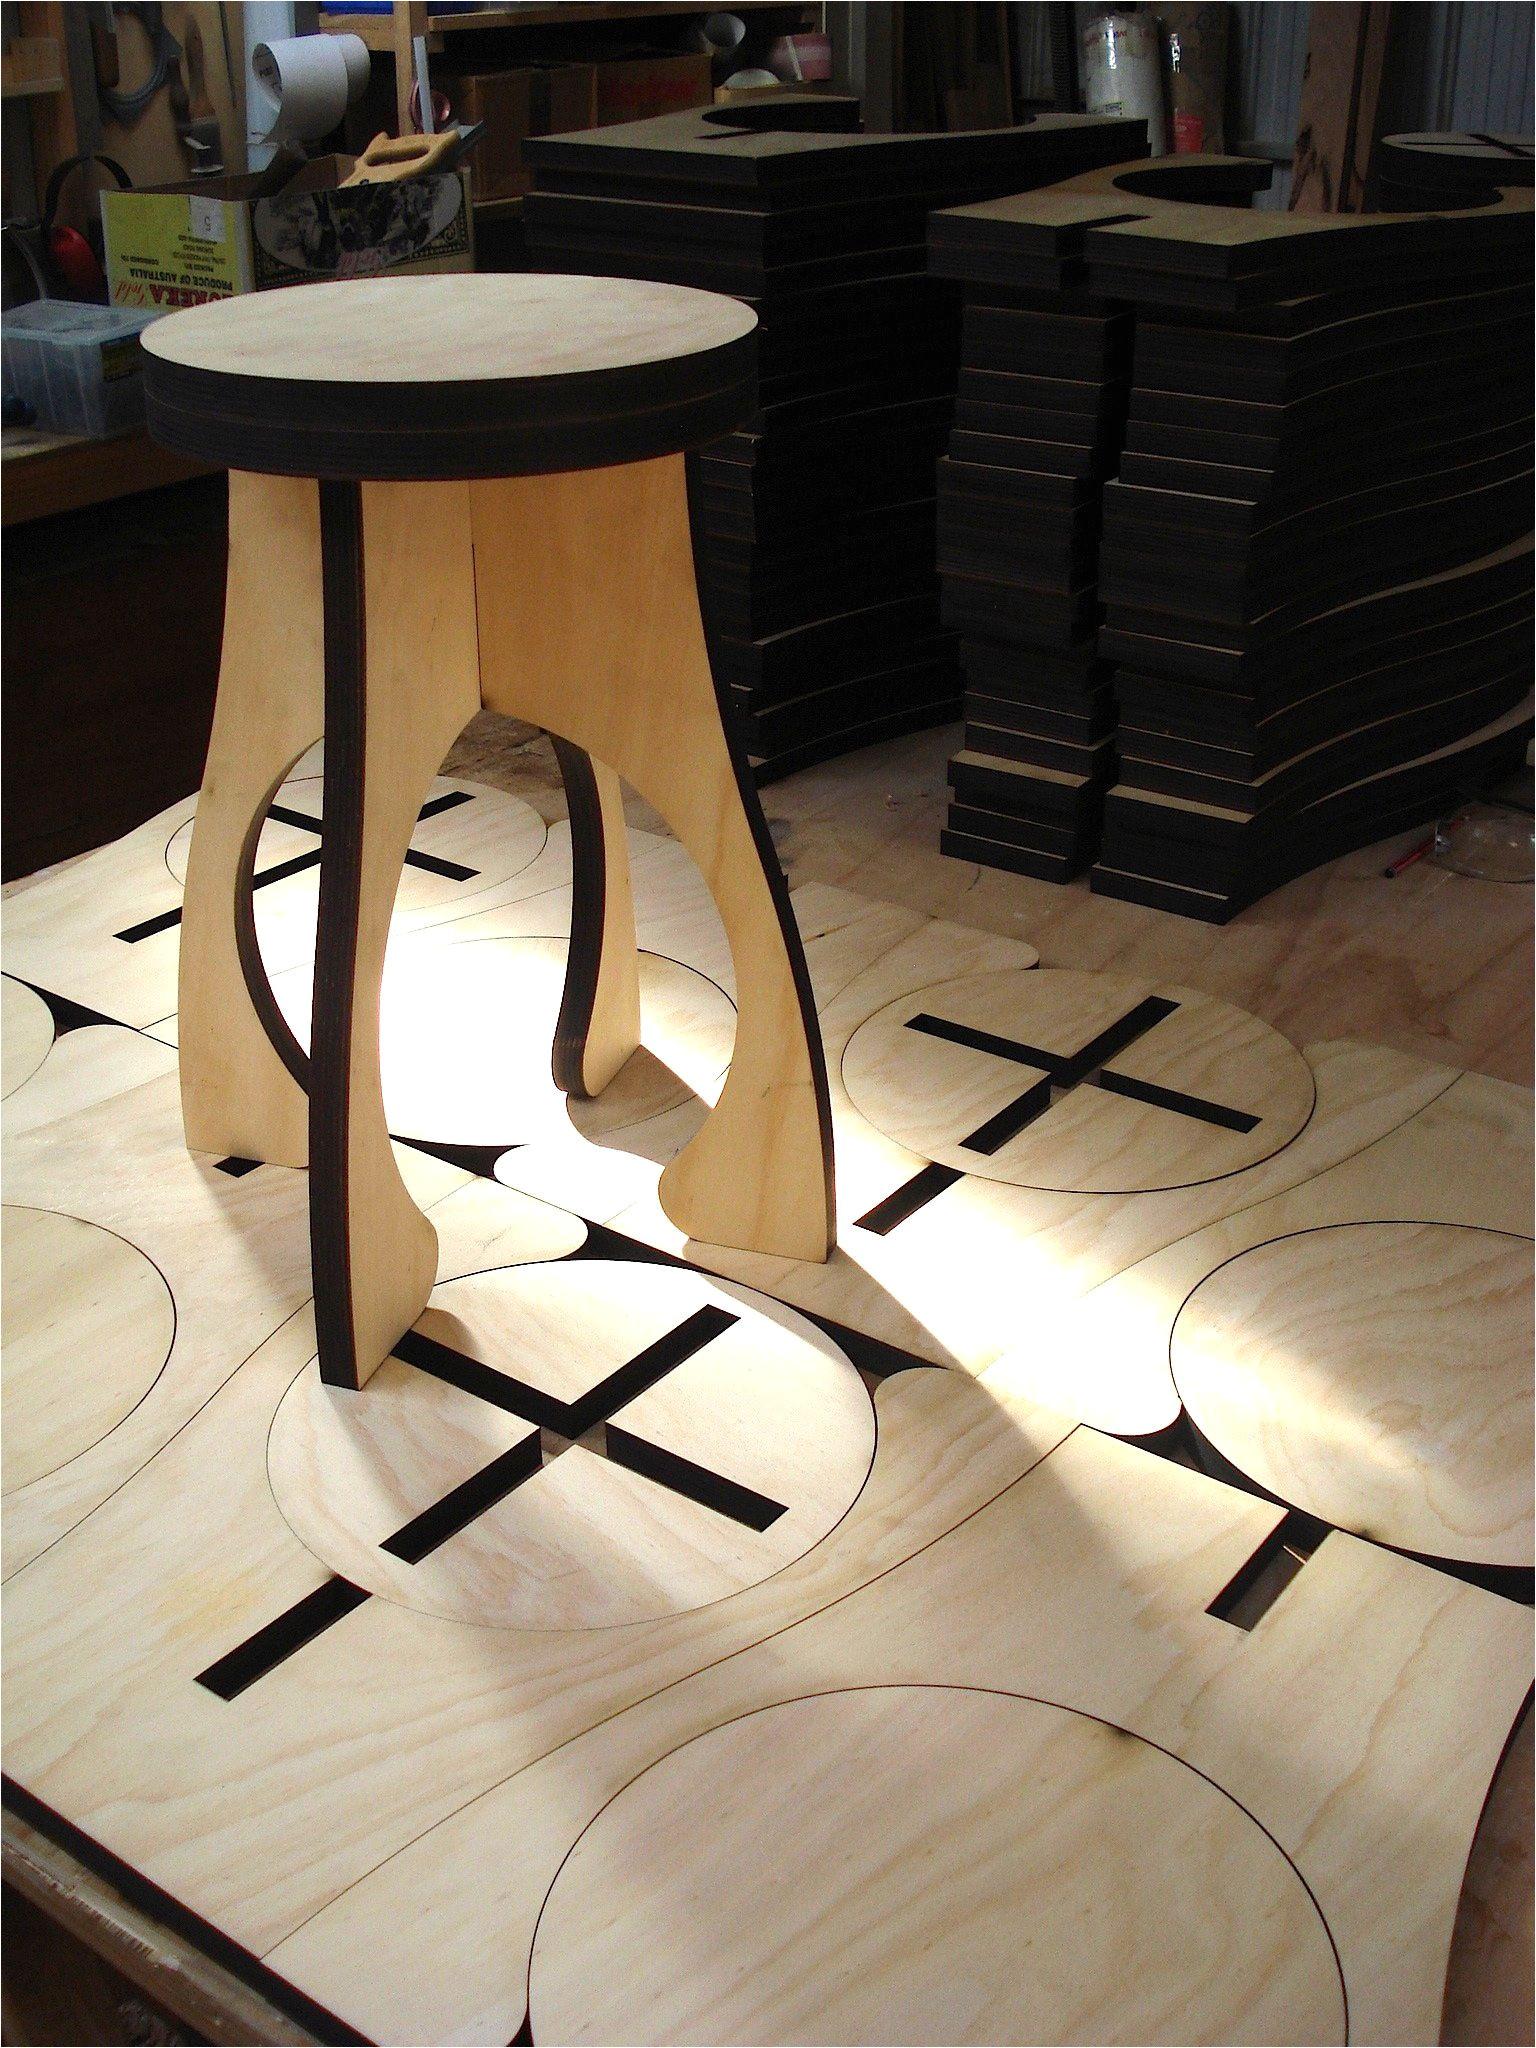 bancos de madera cnc madera carpintera a madera madera reciclada muebles hogar muebles